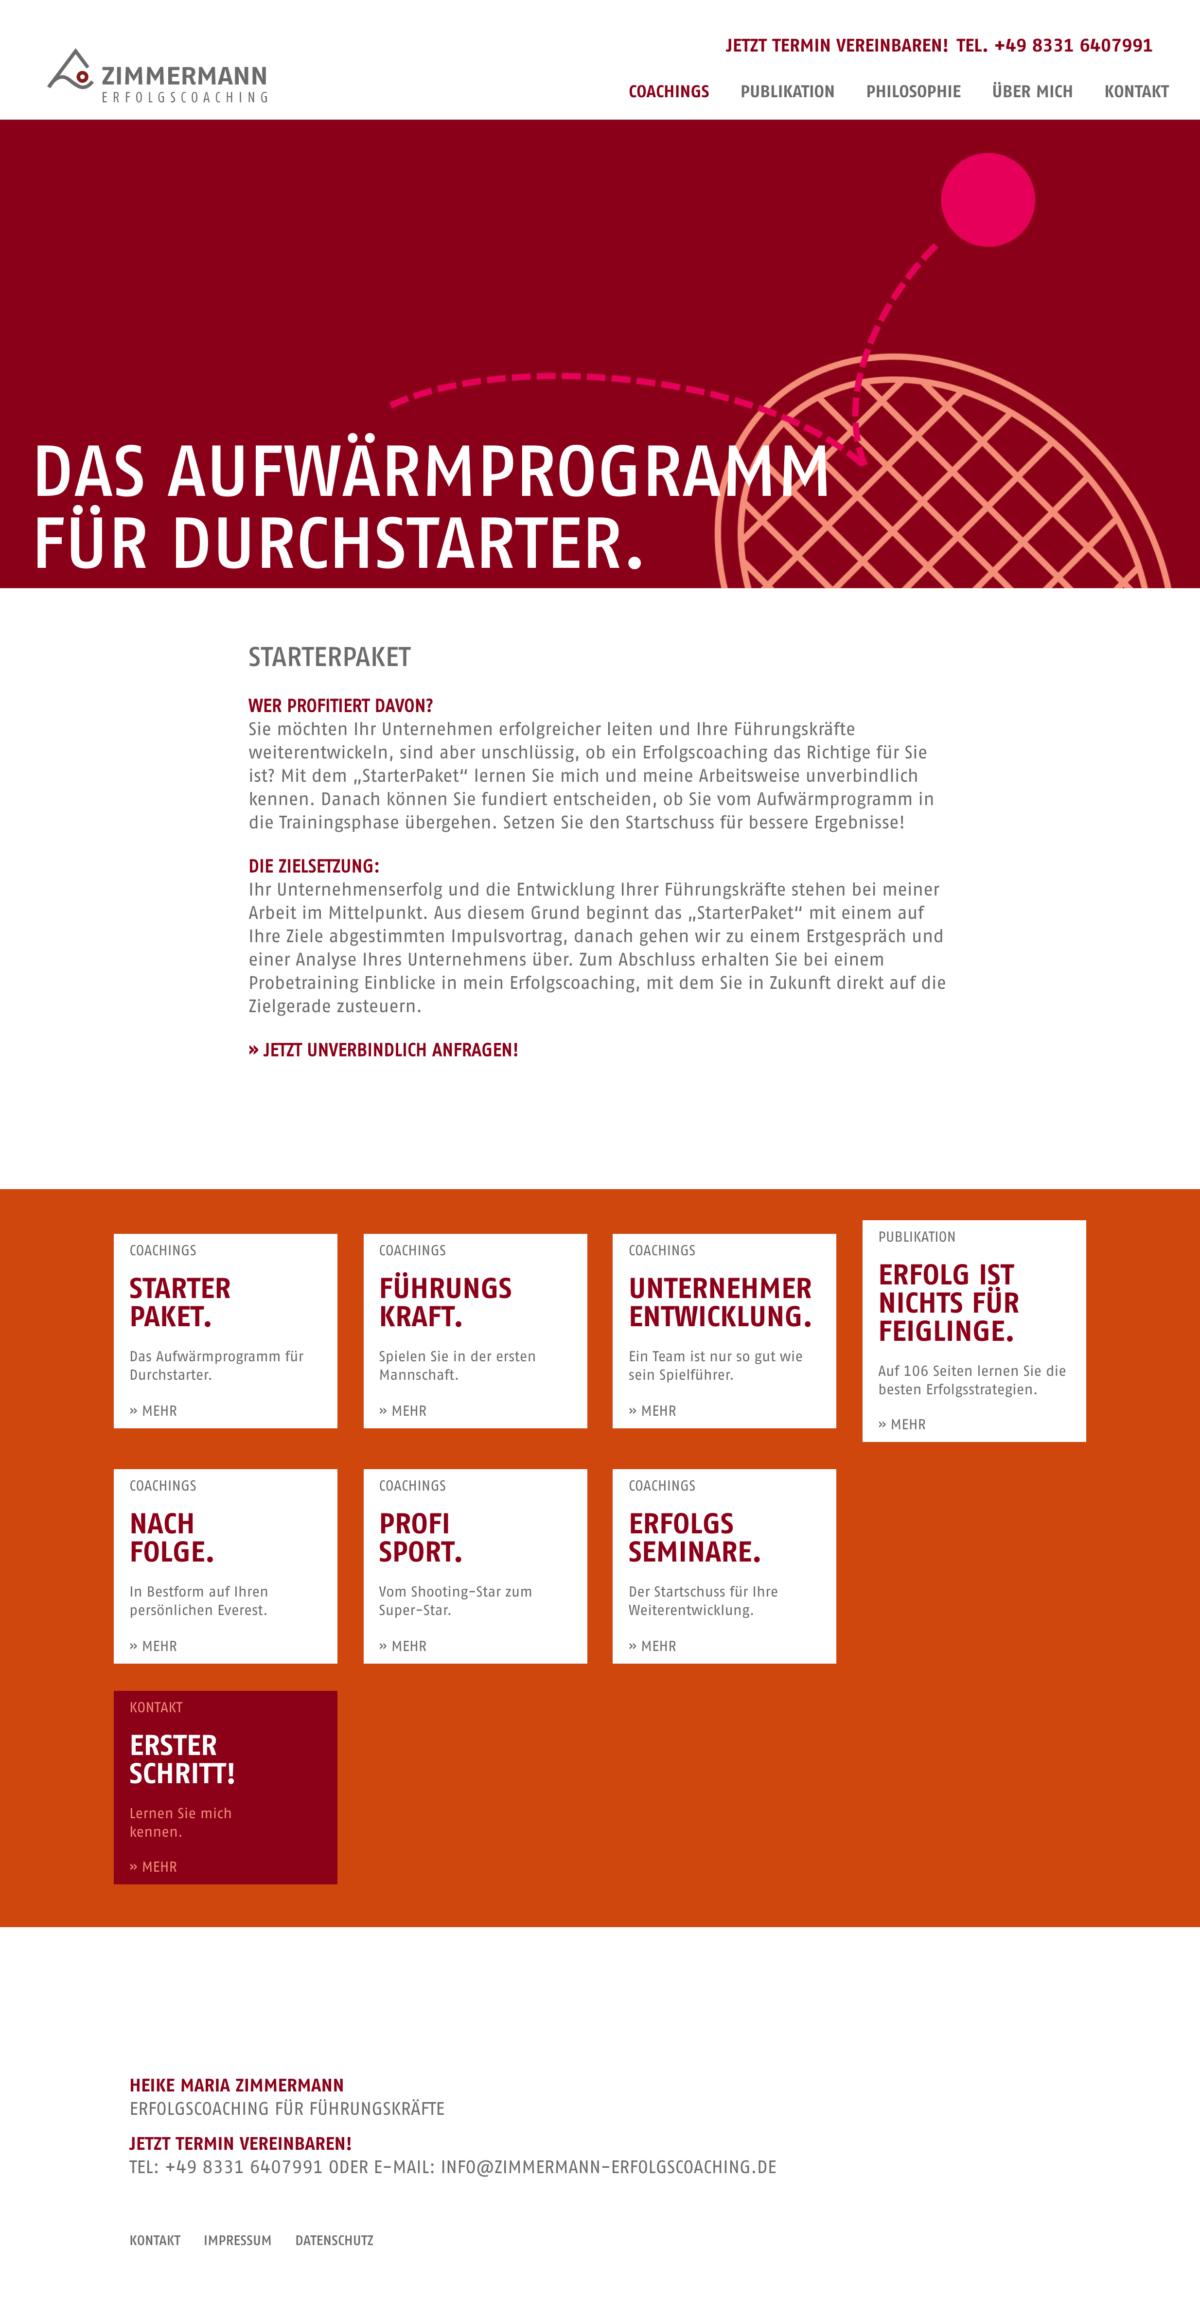 Zimmermann Erfolgscoaching Website Screenshot.